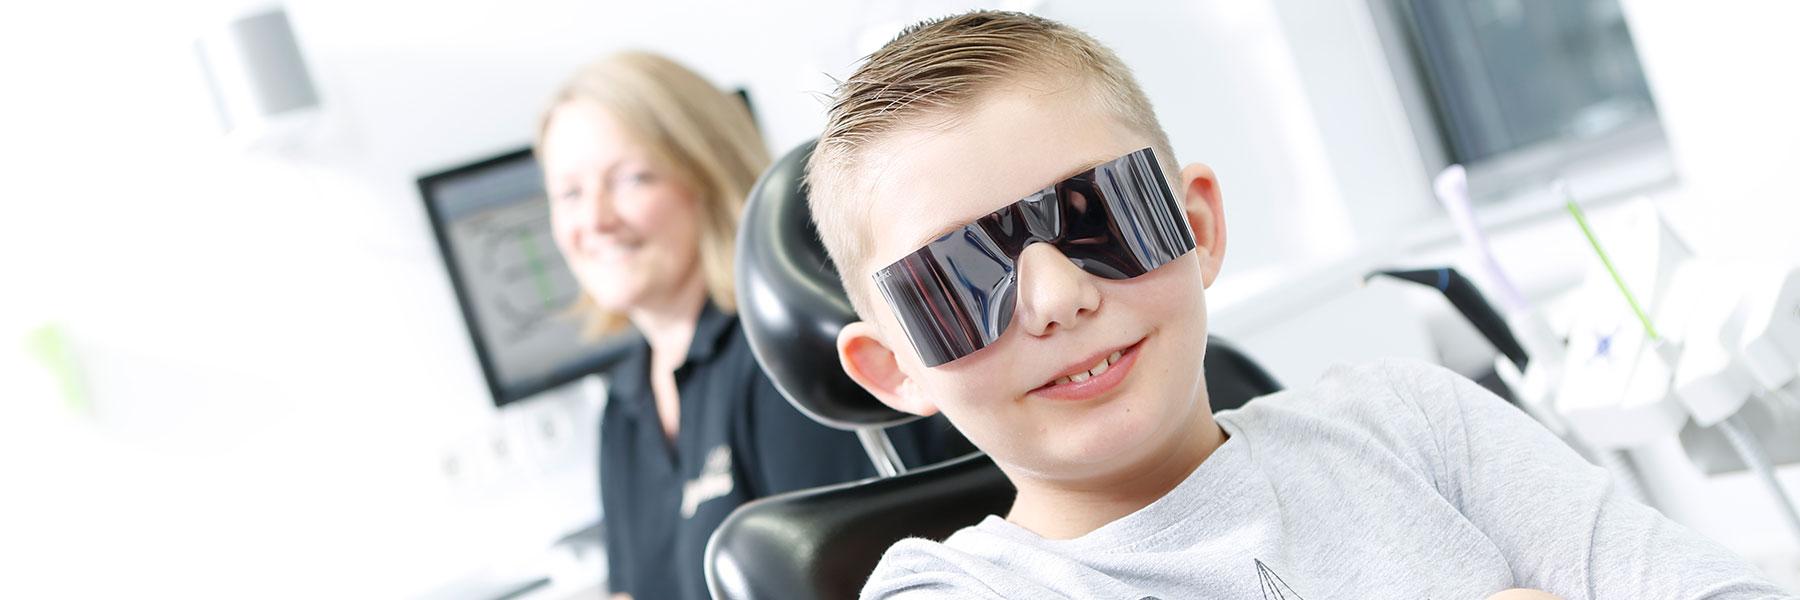 Junge trägt Schutzbrille bei Laser Zahnarzt Langenhagen